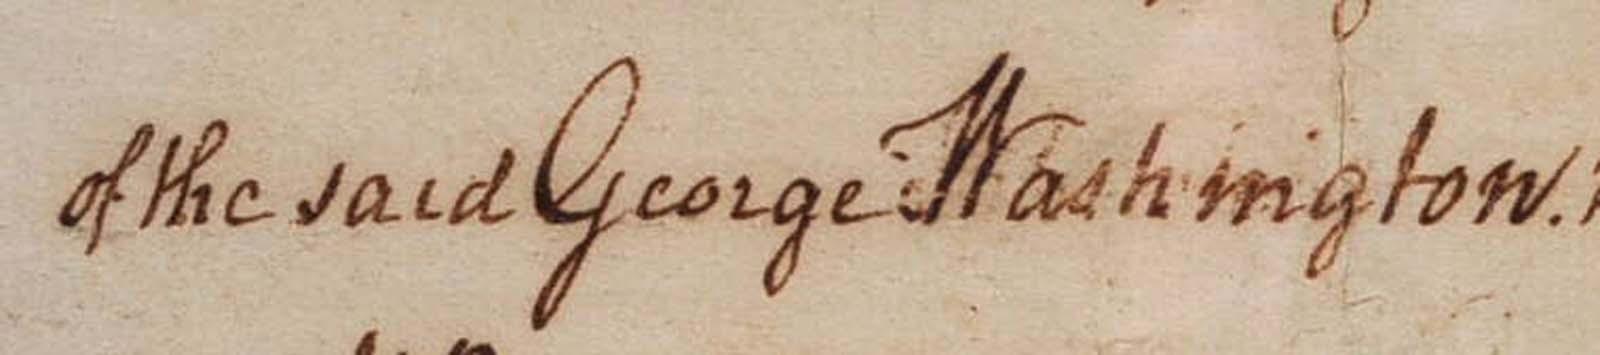 1760 Land Sale Receipt, Release or Indenture: Washington, George